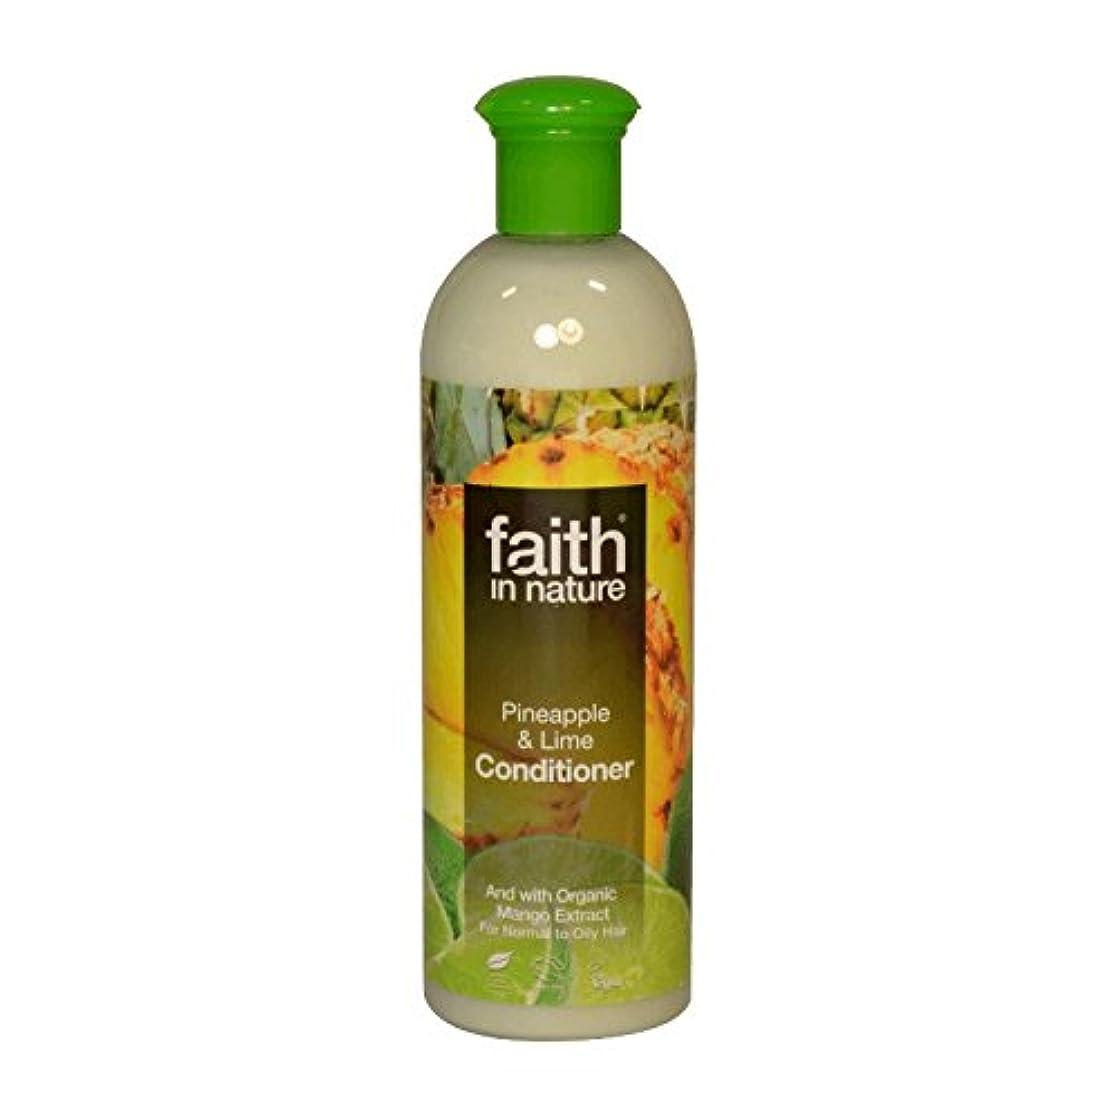 匿名民兵返済Faith in Nature Pineapple & Lime Conditioner 400ml (Pack of 6) - 自然パイナップル&ライムコンディショナー400ミリリットルの信仰 (x6) [並行輸入品]